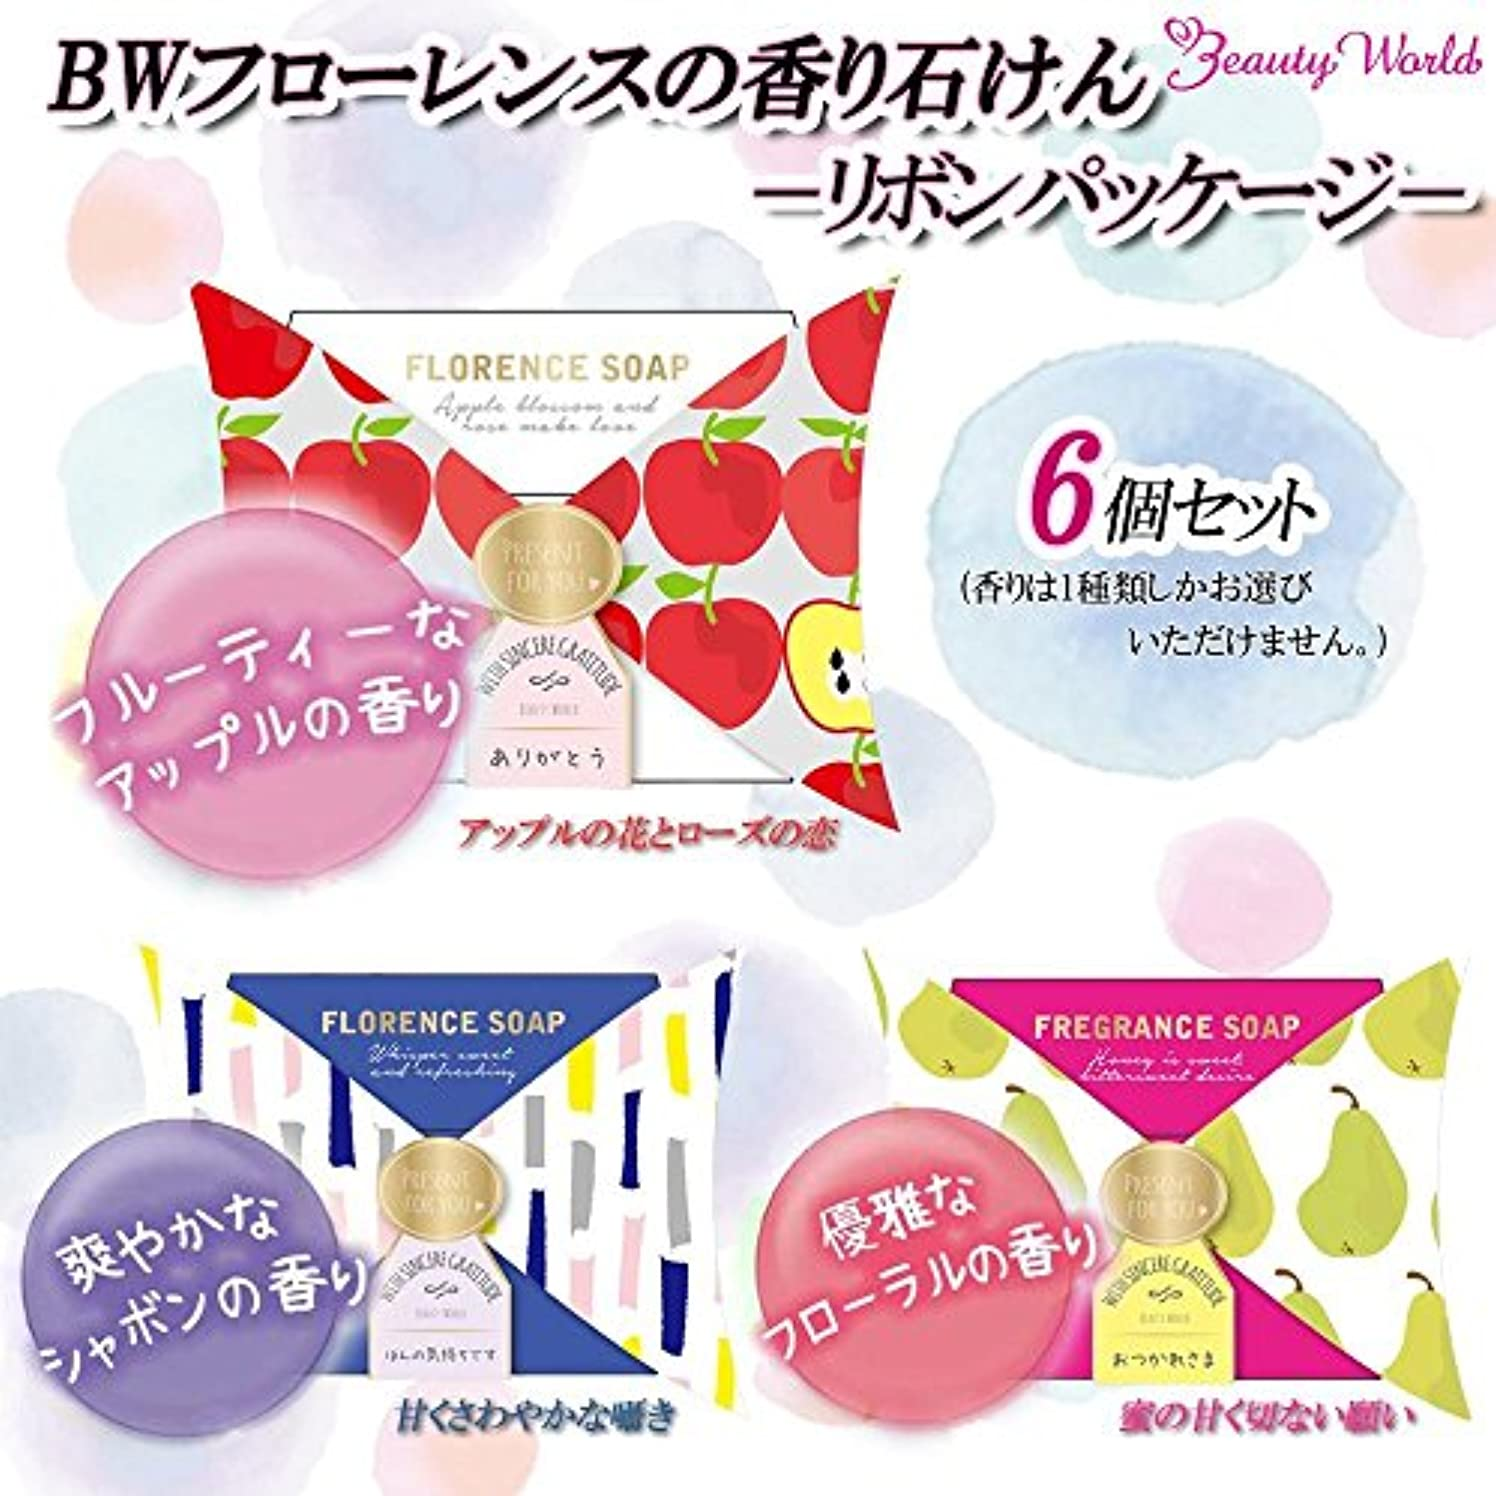 質量医師真実ビューティーワールド BWフローレンスの香り石けん リボンパッケージ 6個セット ■3種類の内「FSP386?蜜の甘く切ない願い」を1点のみです